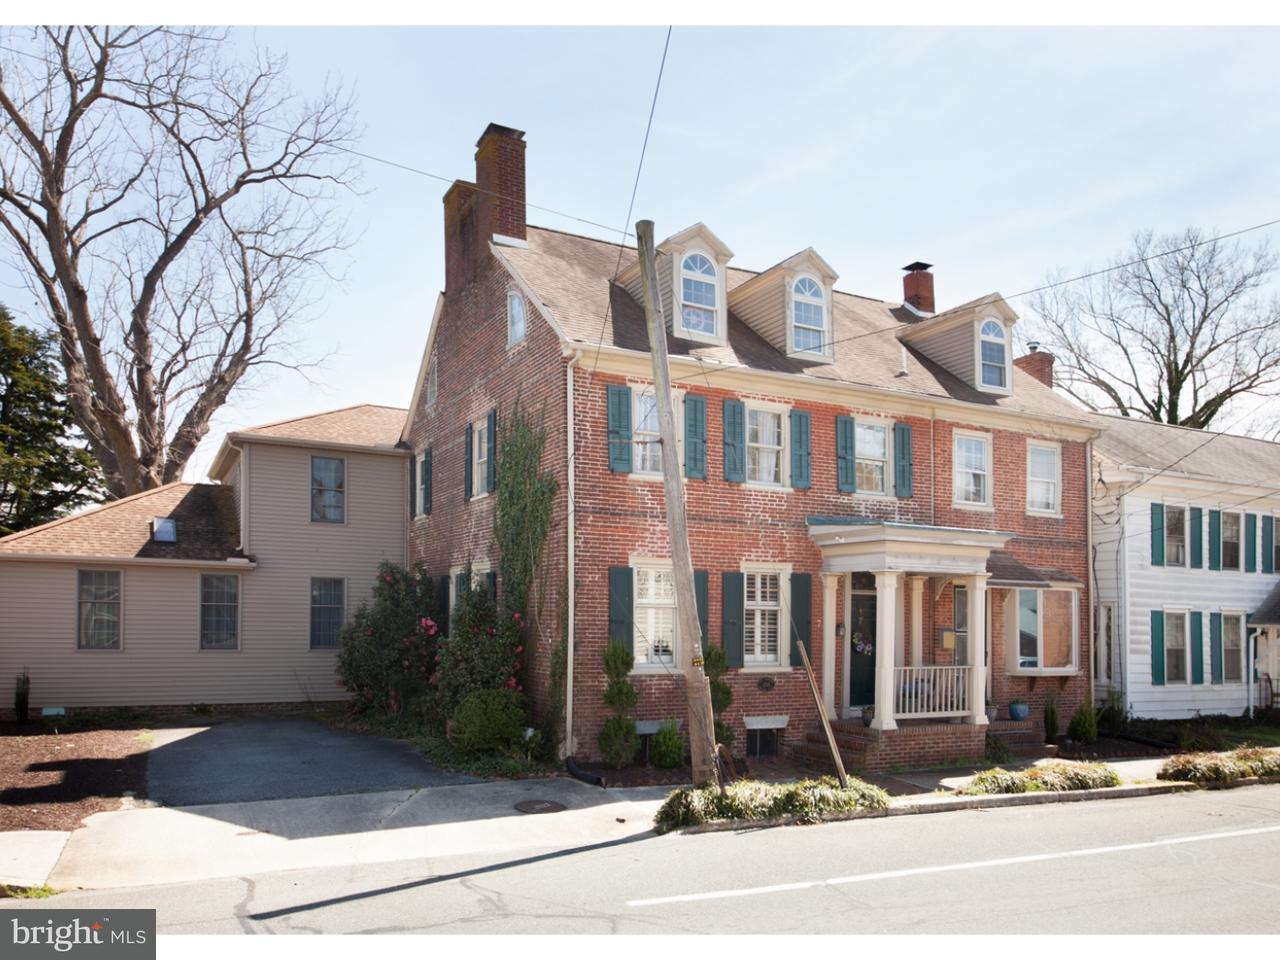 Maison unifamiliale pour l Vente à 7 & 9 S MAIN Street Camden, Delaware 19934 États-Unis